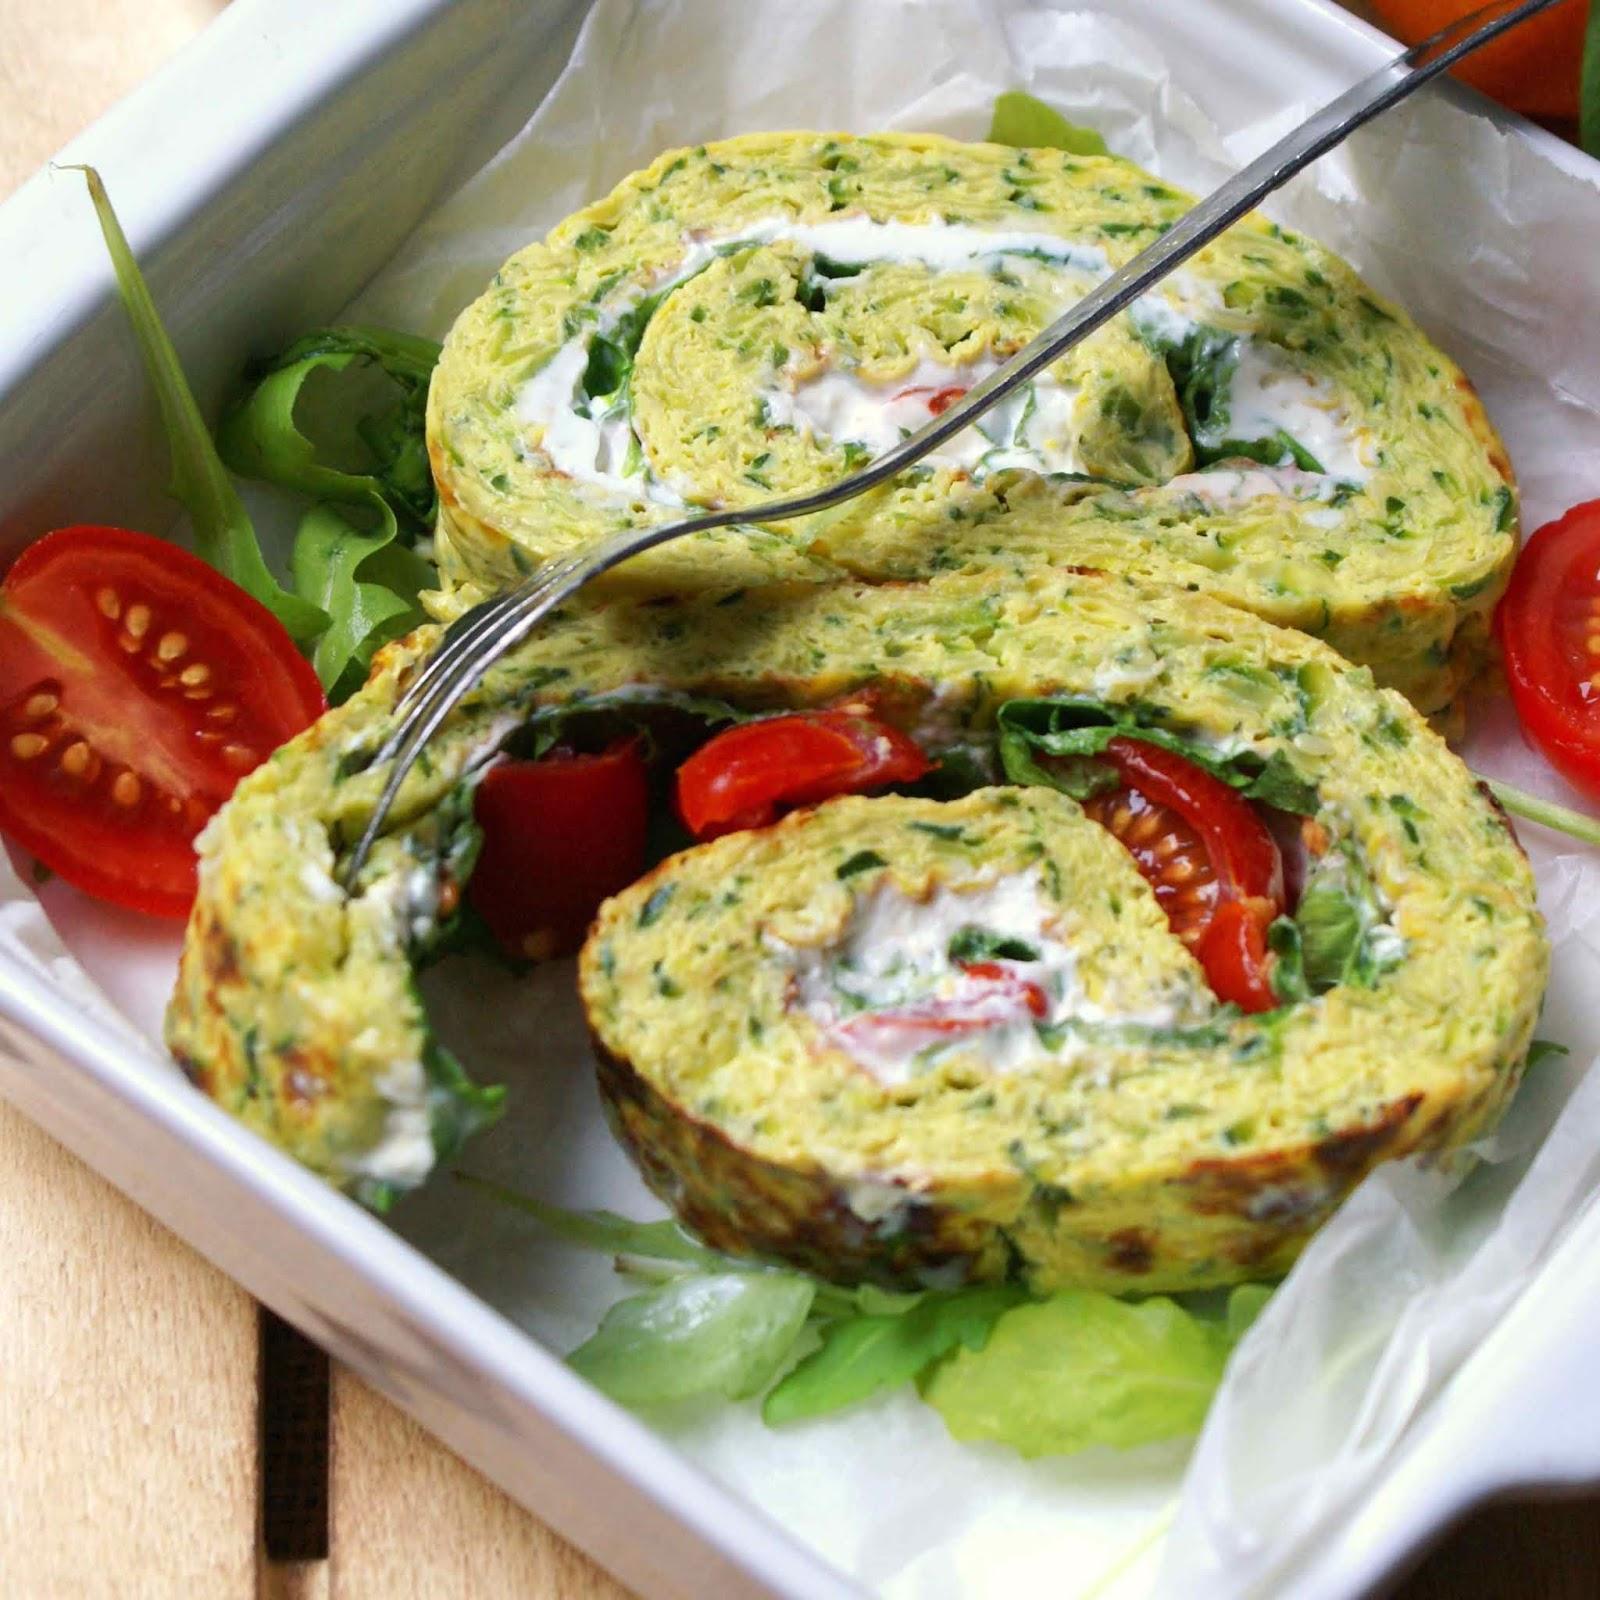 Rotolo di frittata verde farcito con formaggio quark, lattughino e pomodori